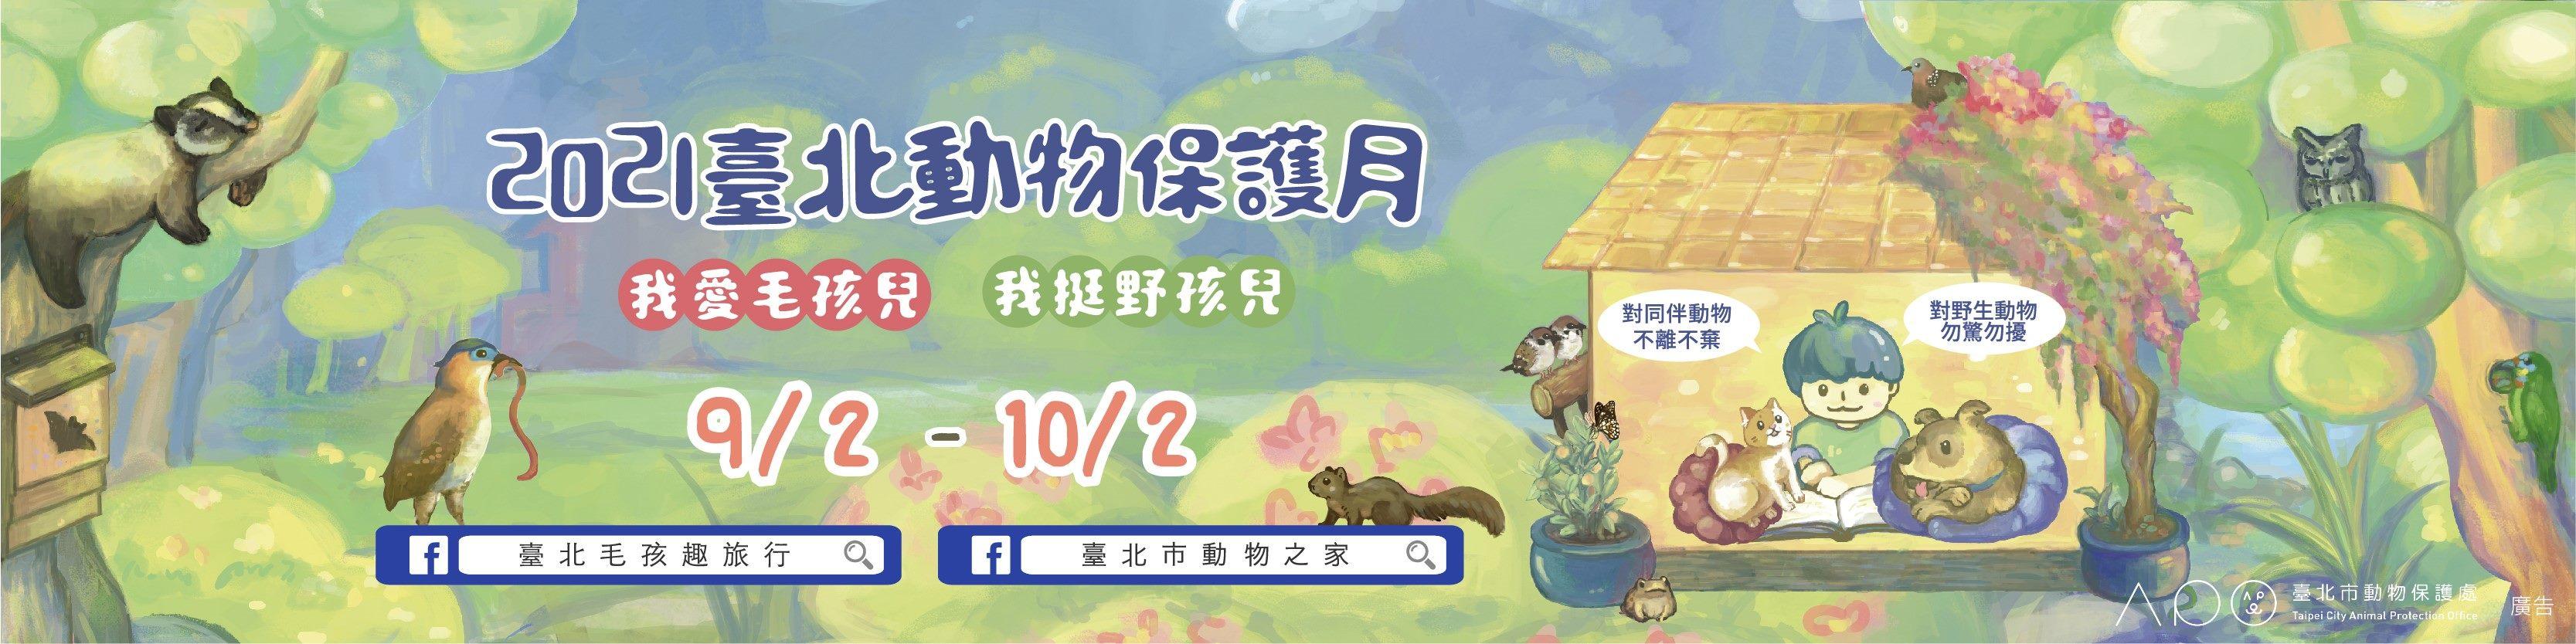 2021 臺北動物保護月